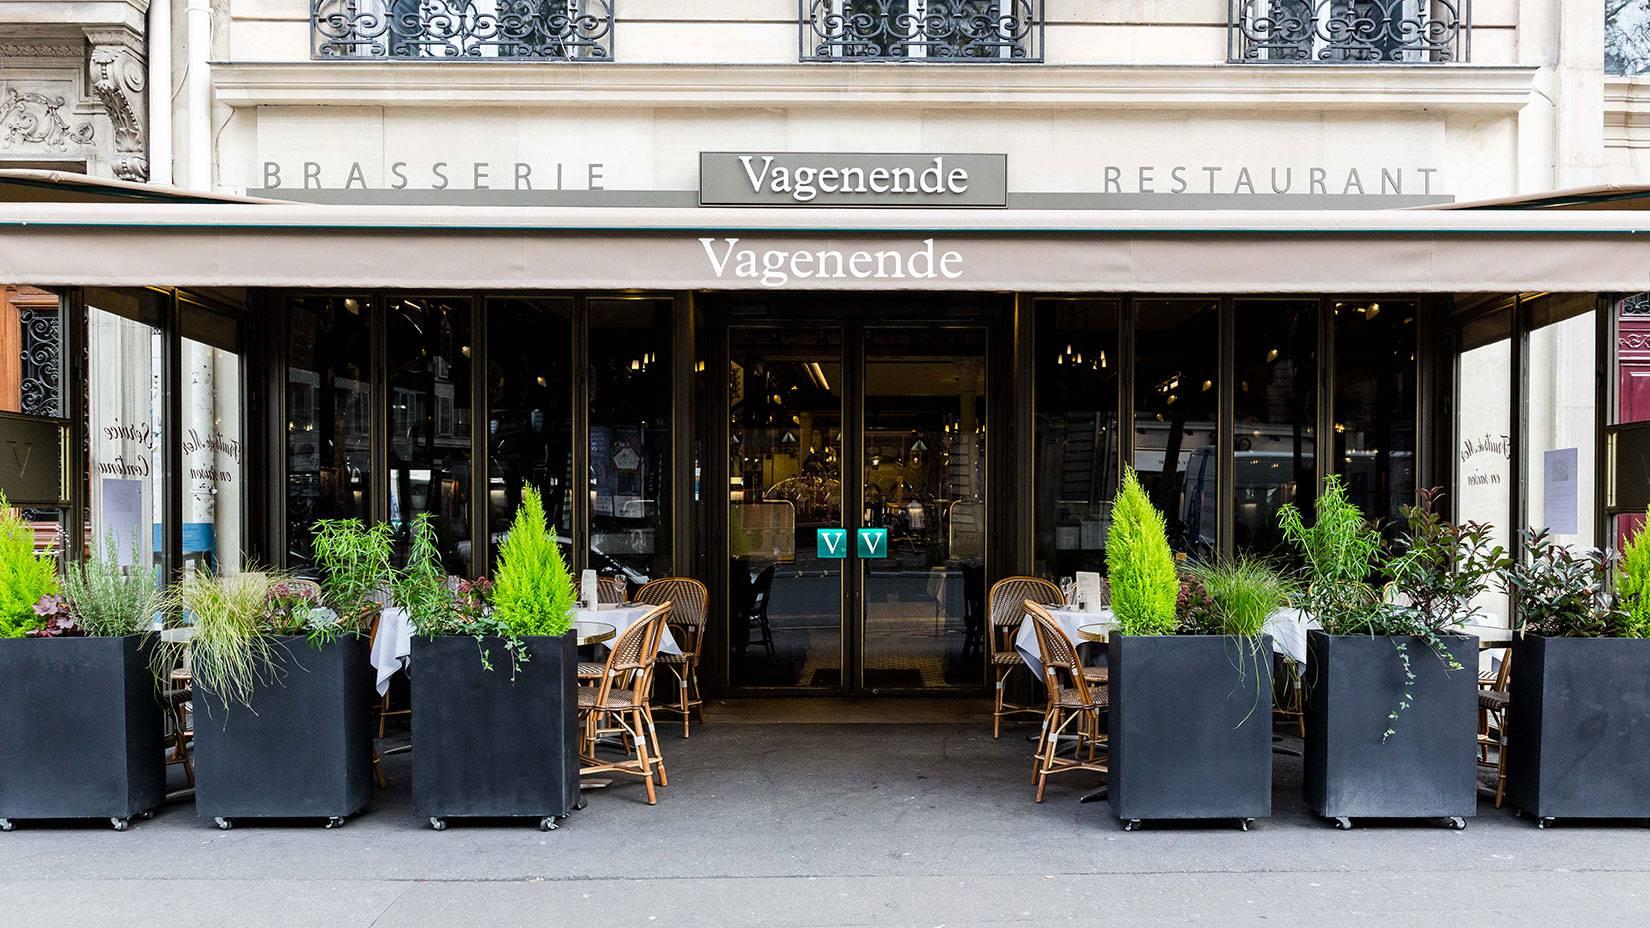 Gallery - Brasserie Vagenende Paris